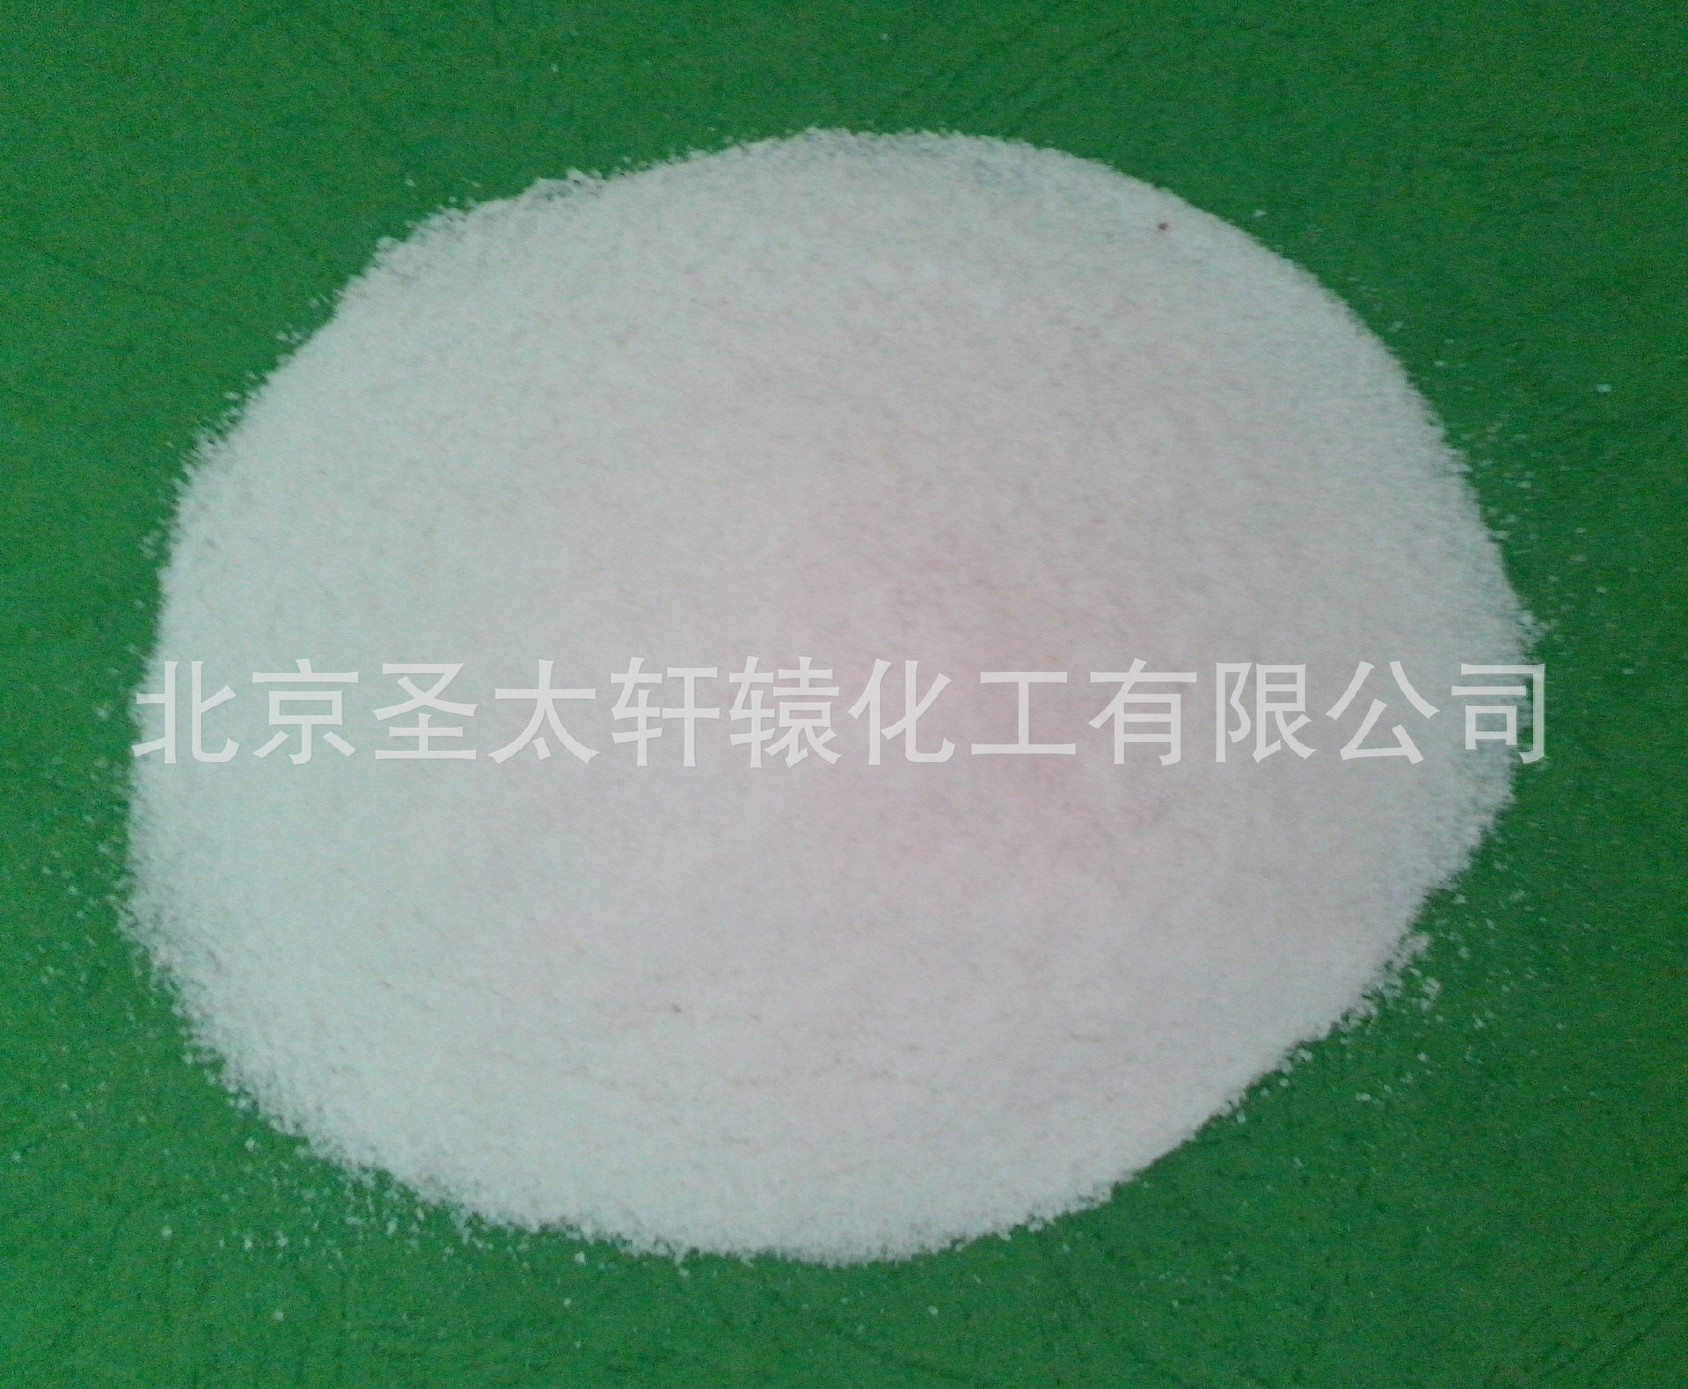 热销 新型优质有机融雪剂 球型混合融雪剂 工业级氯化镁化雪剂示例图35